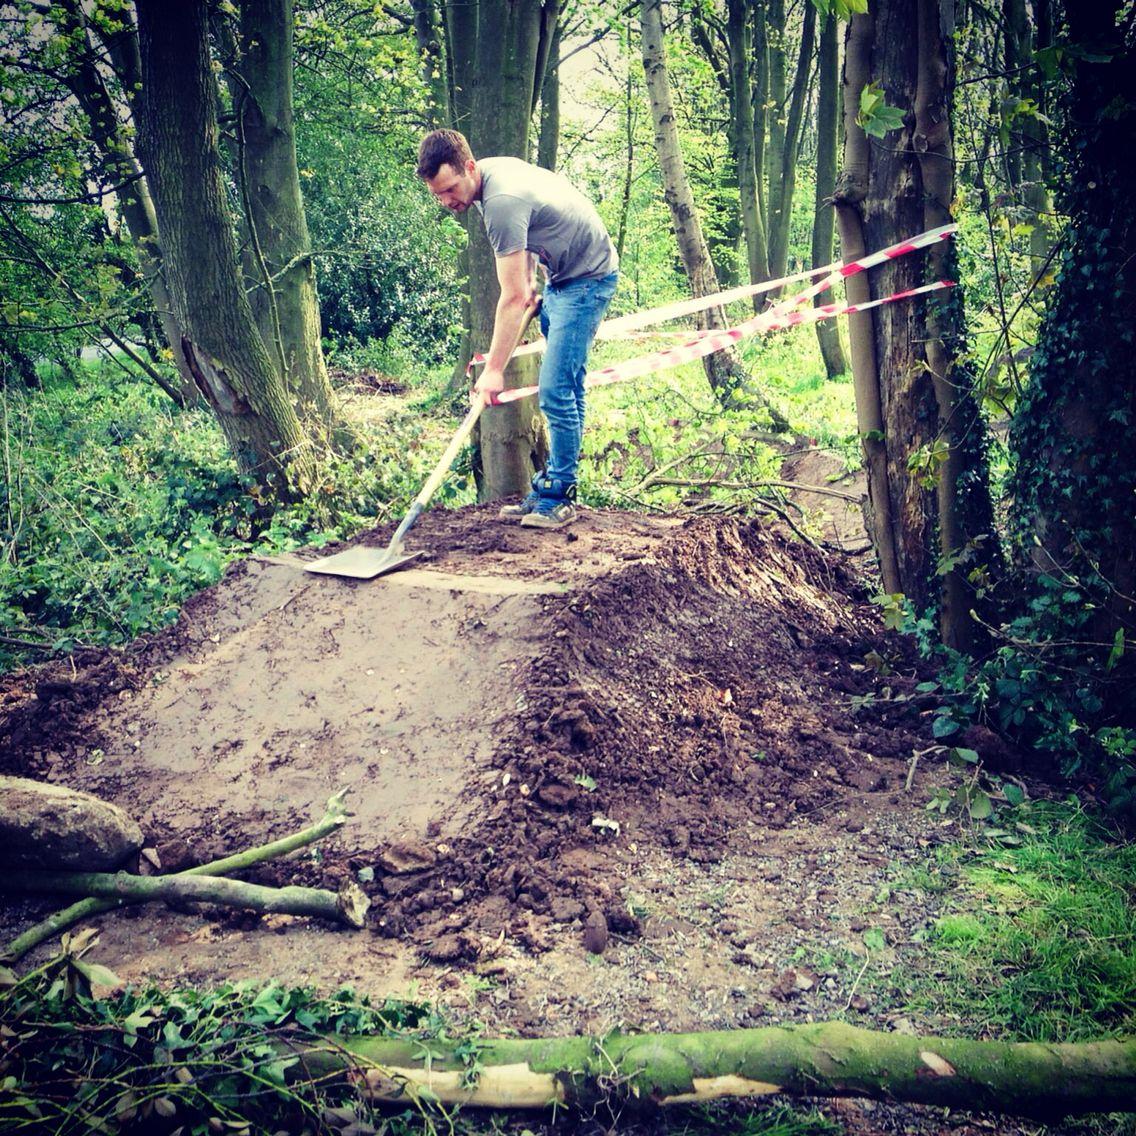 Trail building time again #mtb